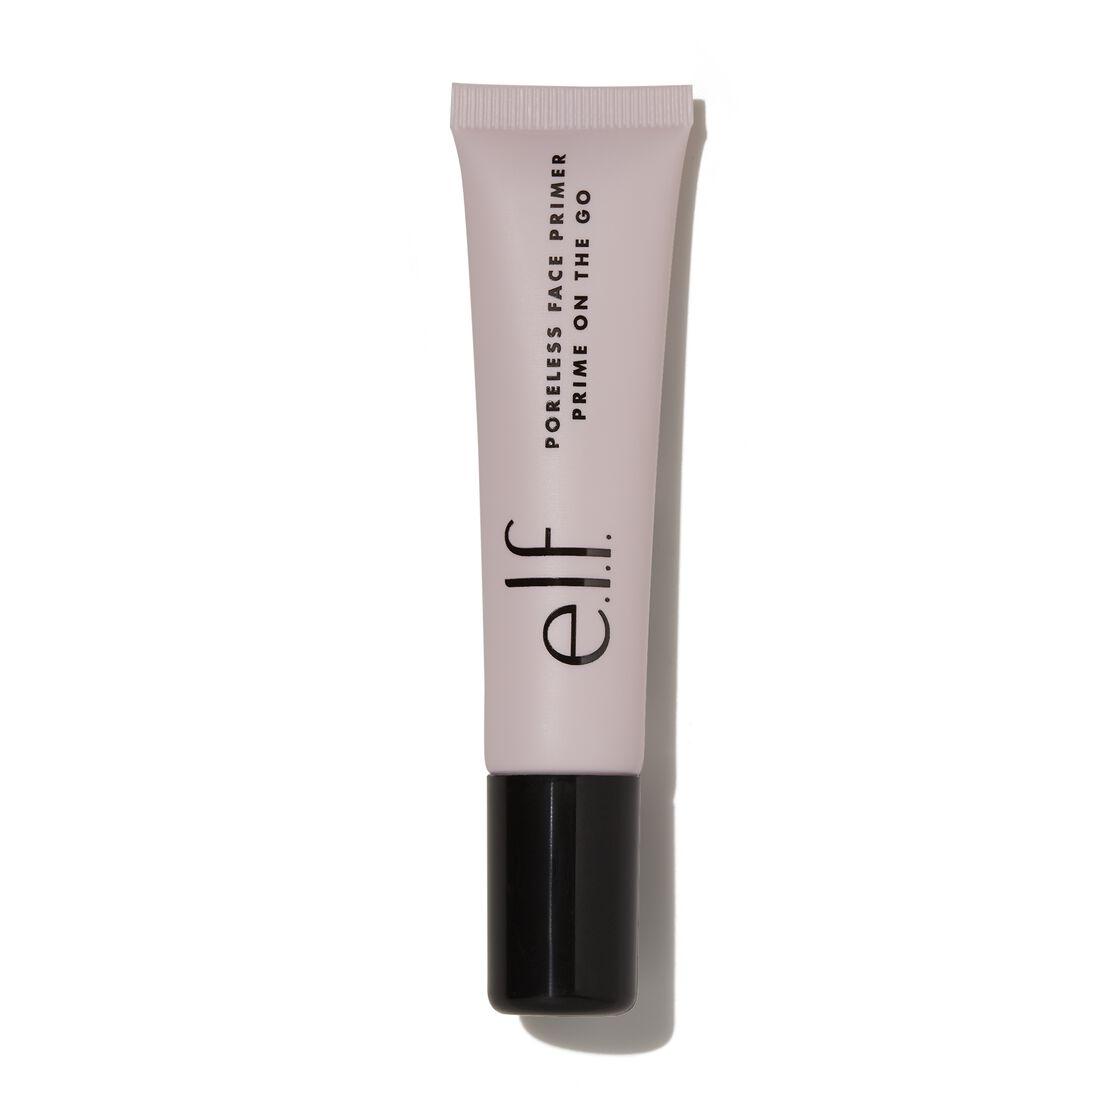 E.l.f Cosmetics - Poreless Face Primer - Travel Size